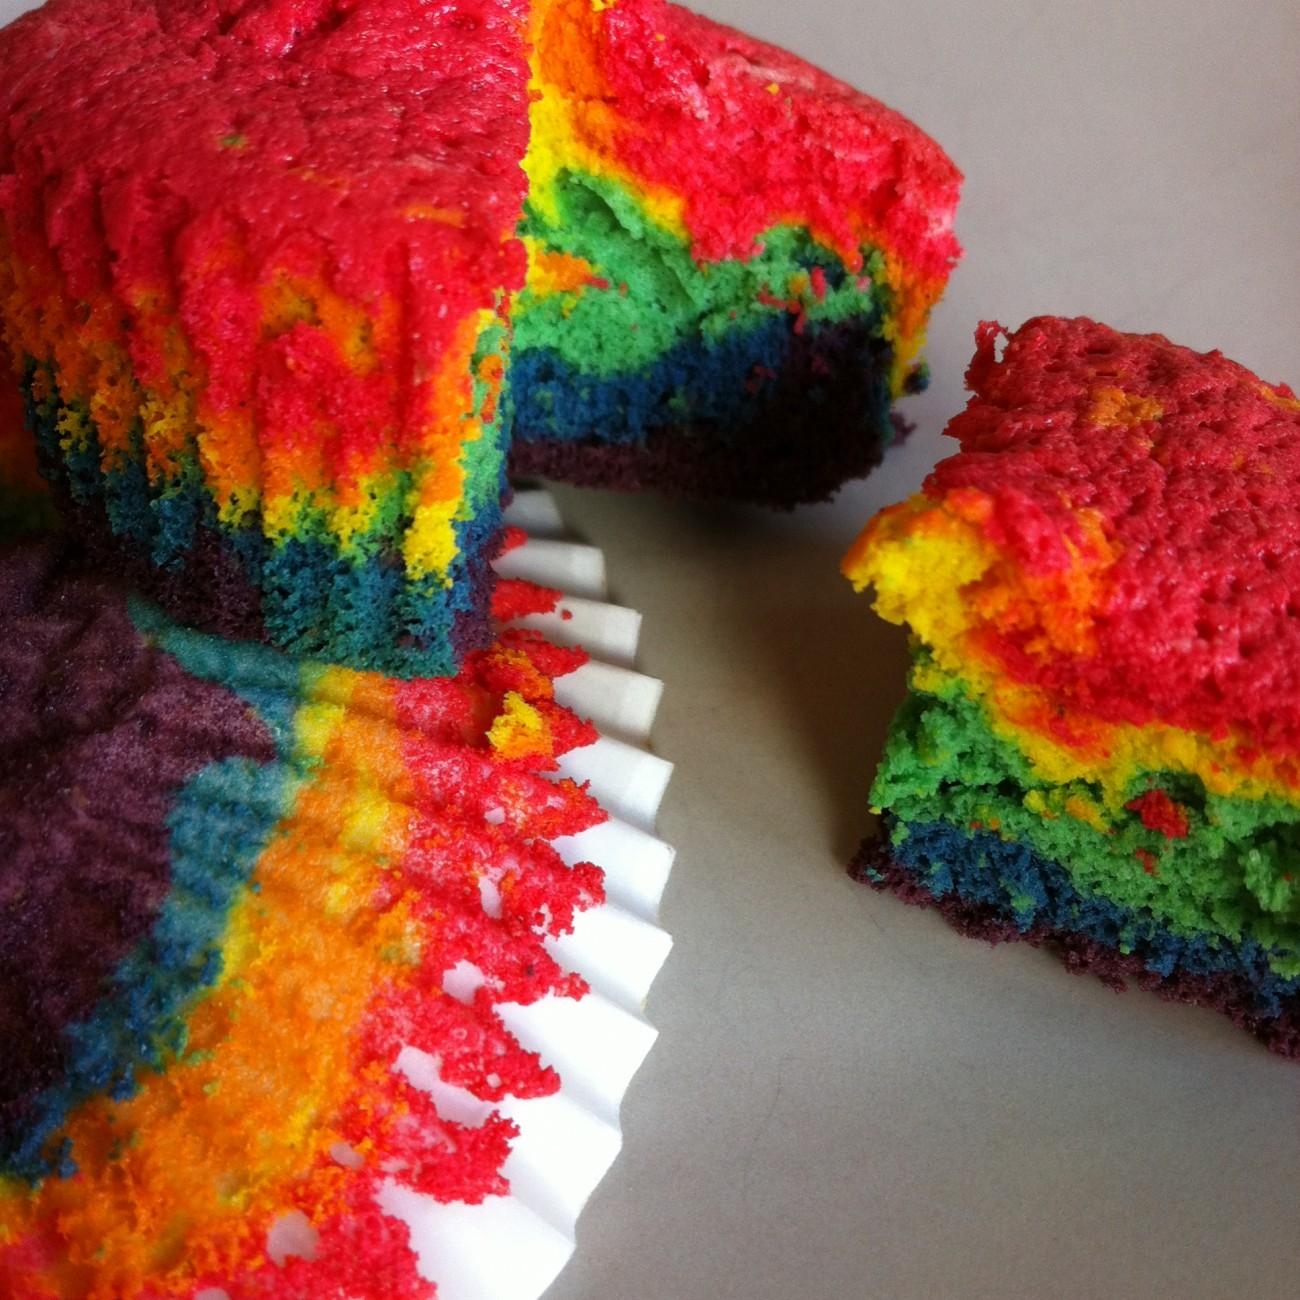 Regenbogenmuffins